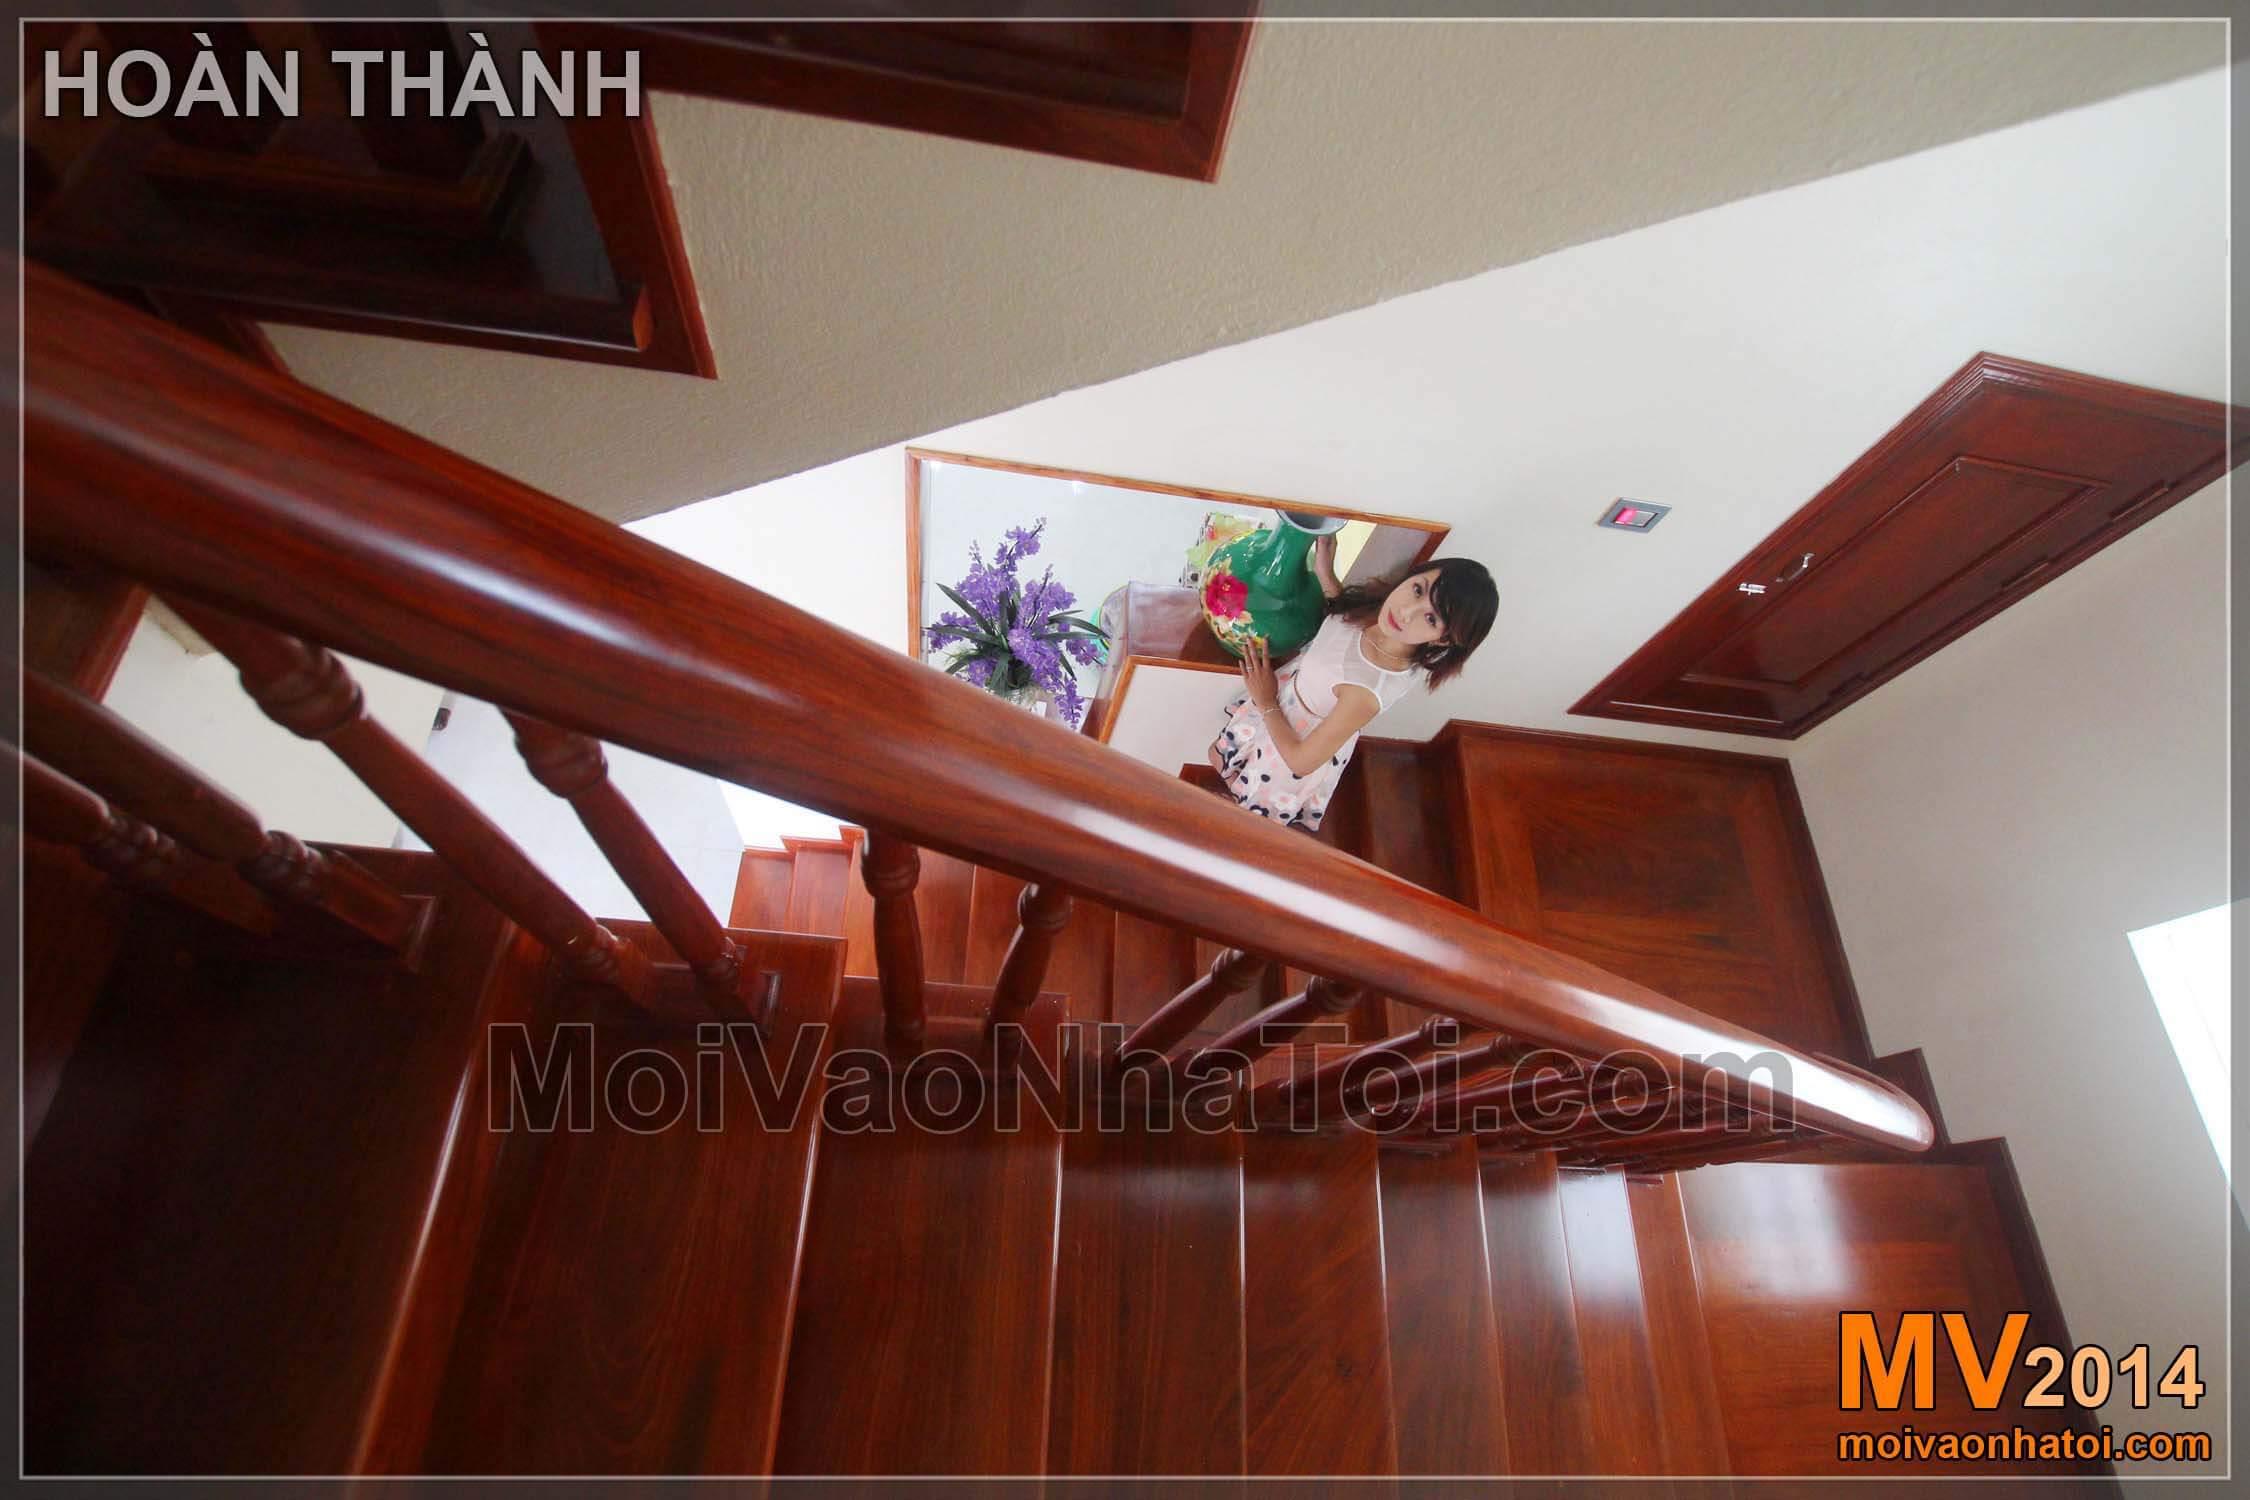 गर्म लकड़ी की सीढ़ियों विंटेज हवेली डिजाइन